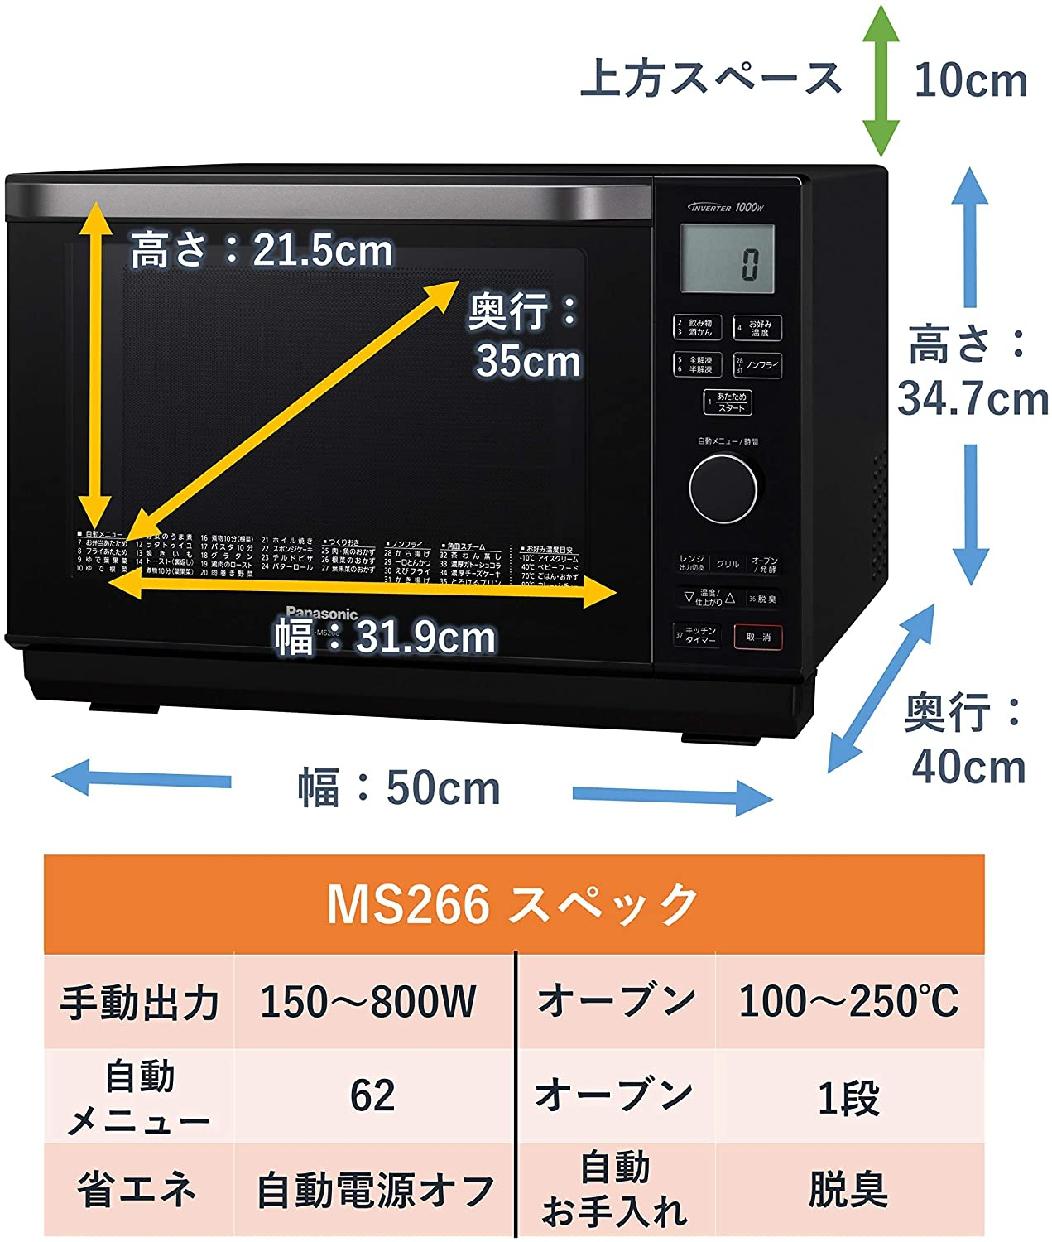 Panasonic(パナソニック) オーブンレンジ NE-MS266の商品画像7